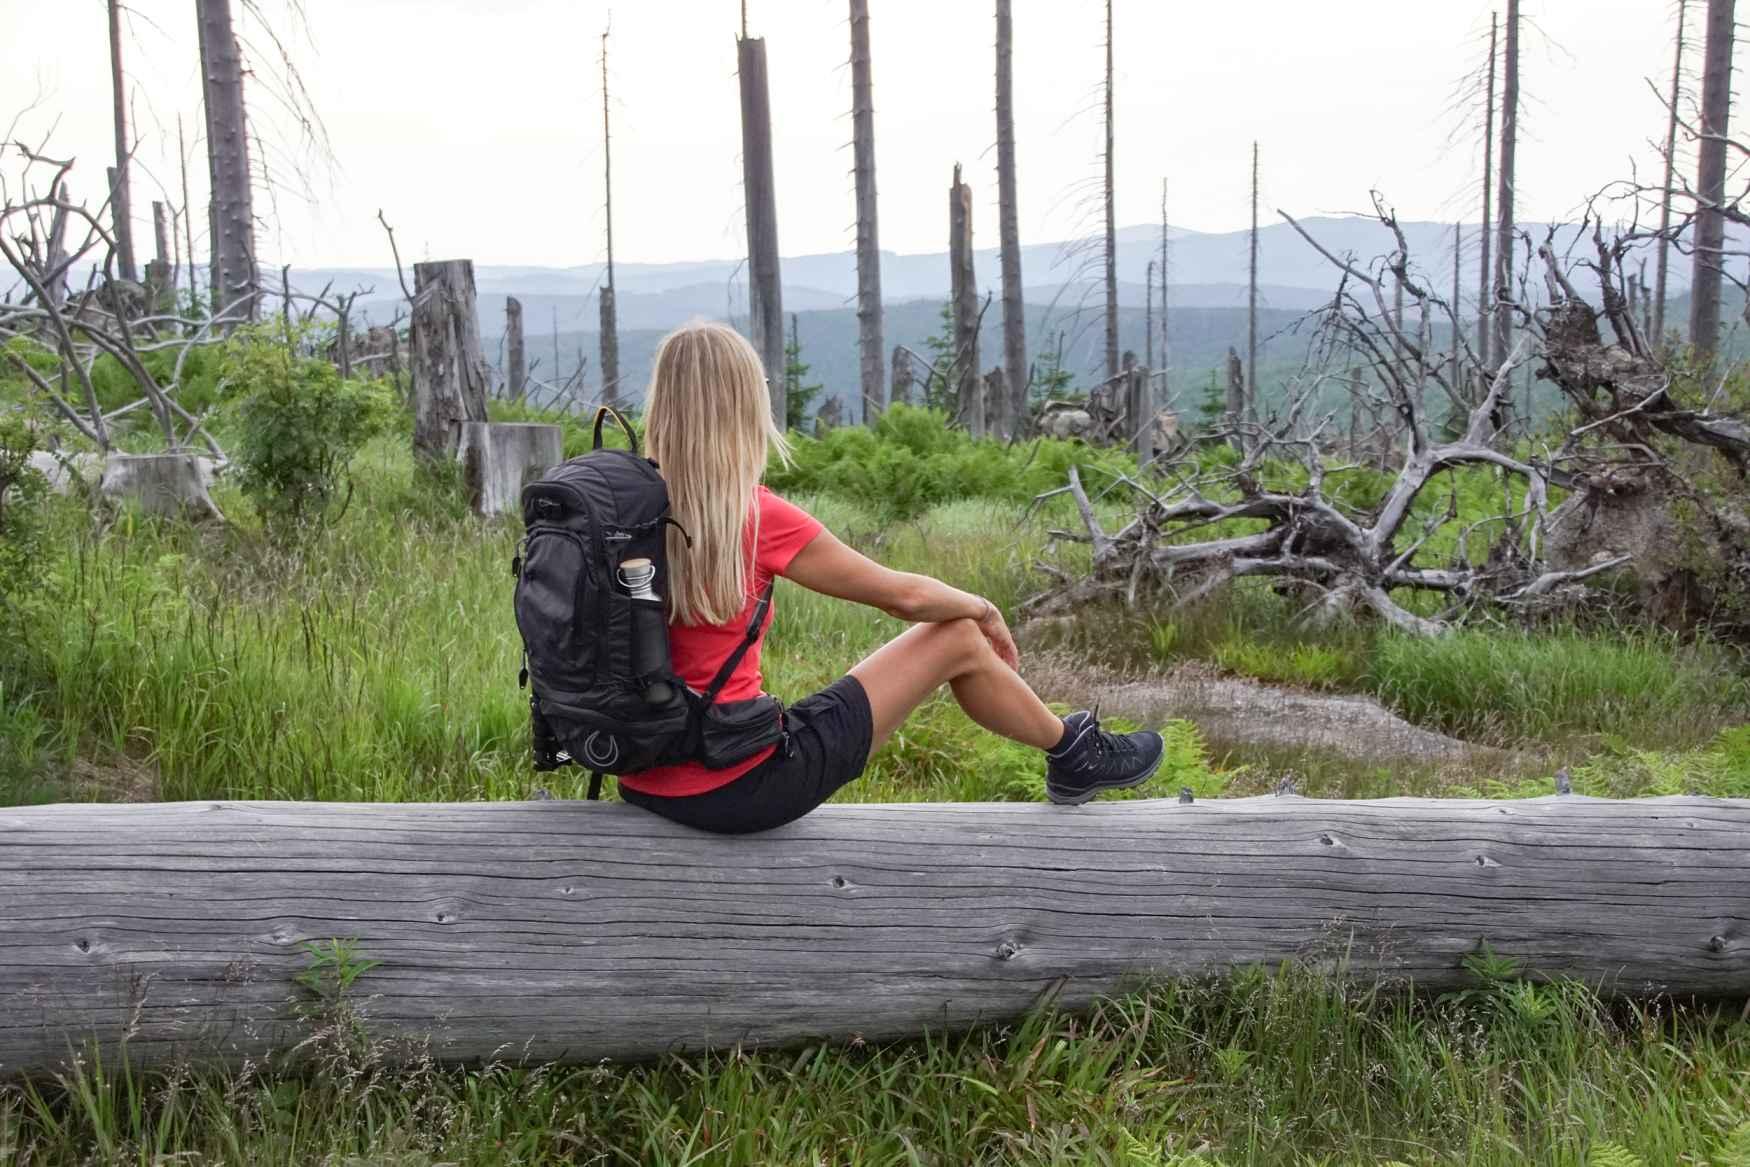 Wenn schickes Retro-Design auf anspruchsvolle Trekkingtouren trifft, dann handelt es sich um den PINTO LL MID Ws. Der speziell für die anatomischen Anforderungen von Frauenfüßen entwickelte Glattleder-Trekkingschuh erfüllt aber nicht nur modische Aspekte, sondern auch die Ansprüche an einen Schuh, der in freier Natur auf Schritt und Tritt Performance abliefern soll. Mit der VIBRAM®-TRAC-LITE-II-Sohle sind unterschiedliche Untergründe kein Problem. Zum Rundum-Wohlfühlen sorgt darüberhinaus das geschmeidige Innenfutter aus Leder.